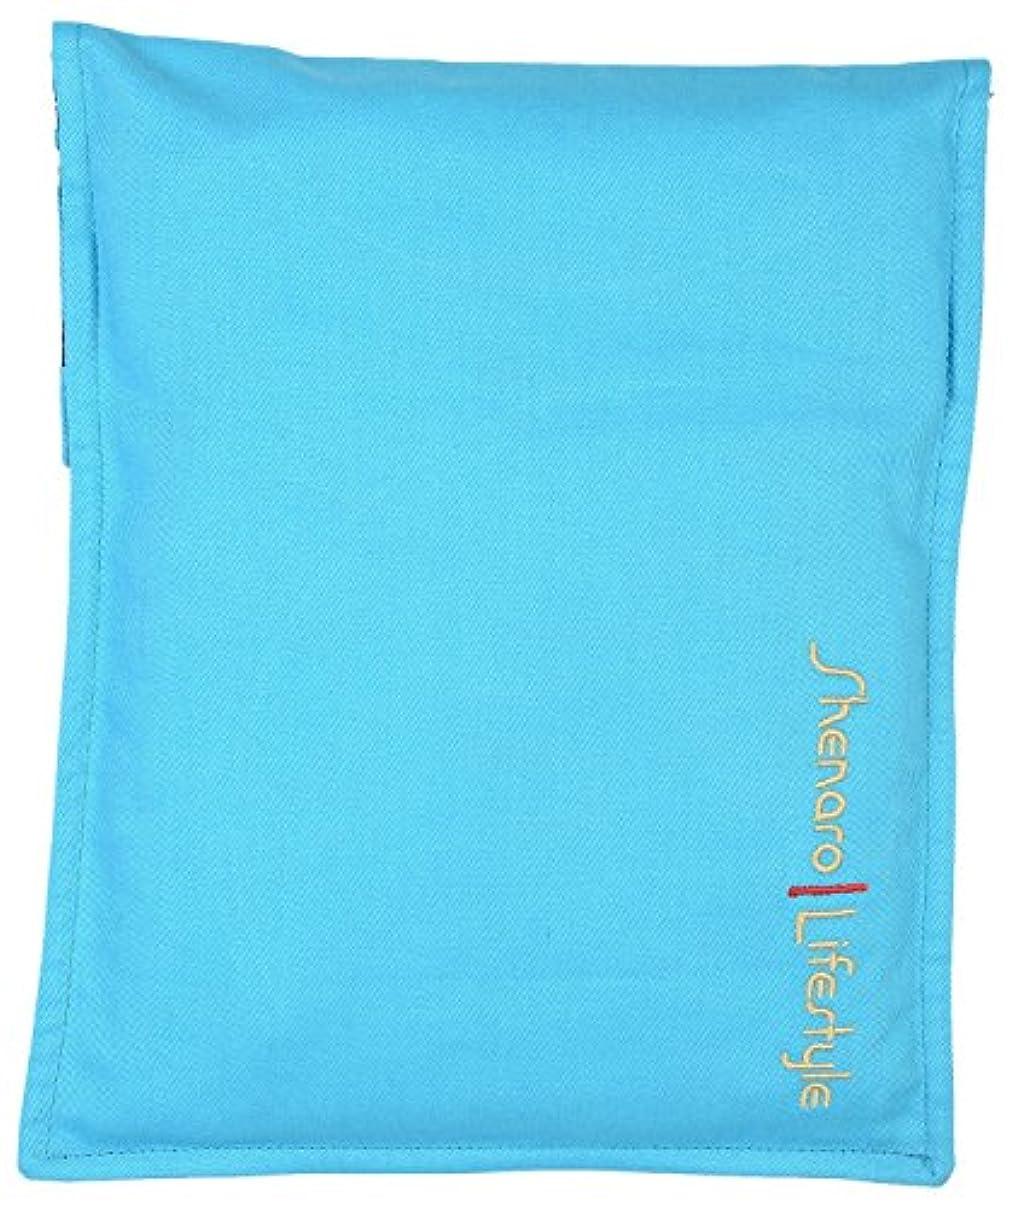 不健全日焼け自分自身Shenaro Lifestyle's: Cotton Organic and Eco-Friendly Pain Relief Wheat Bag with Treated Whole Grains and Aroma...